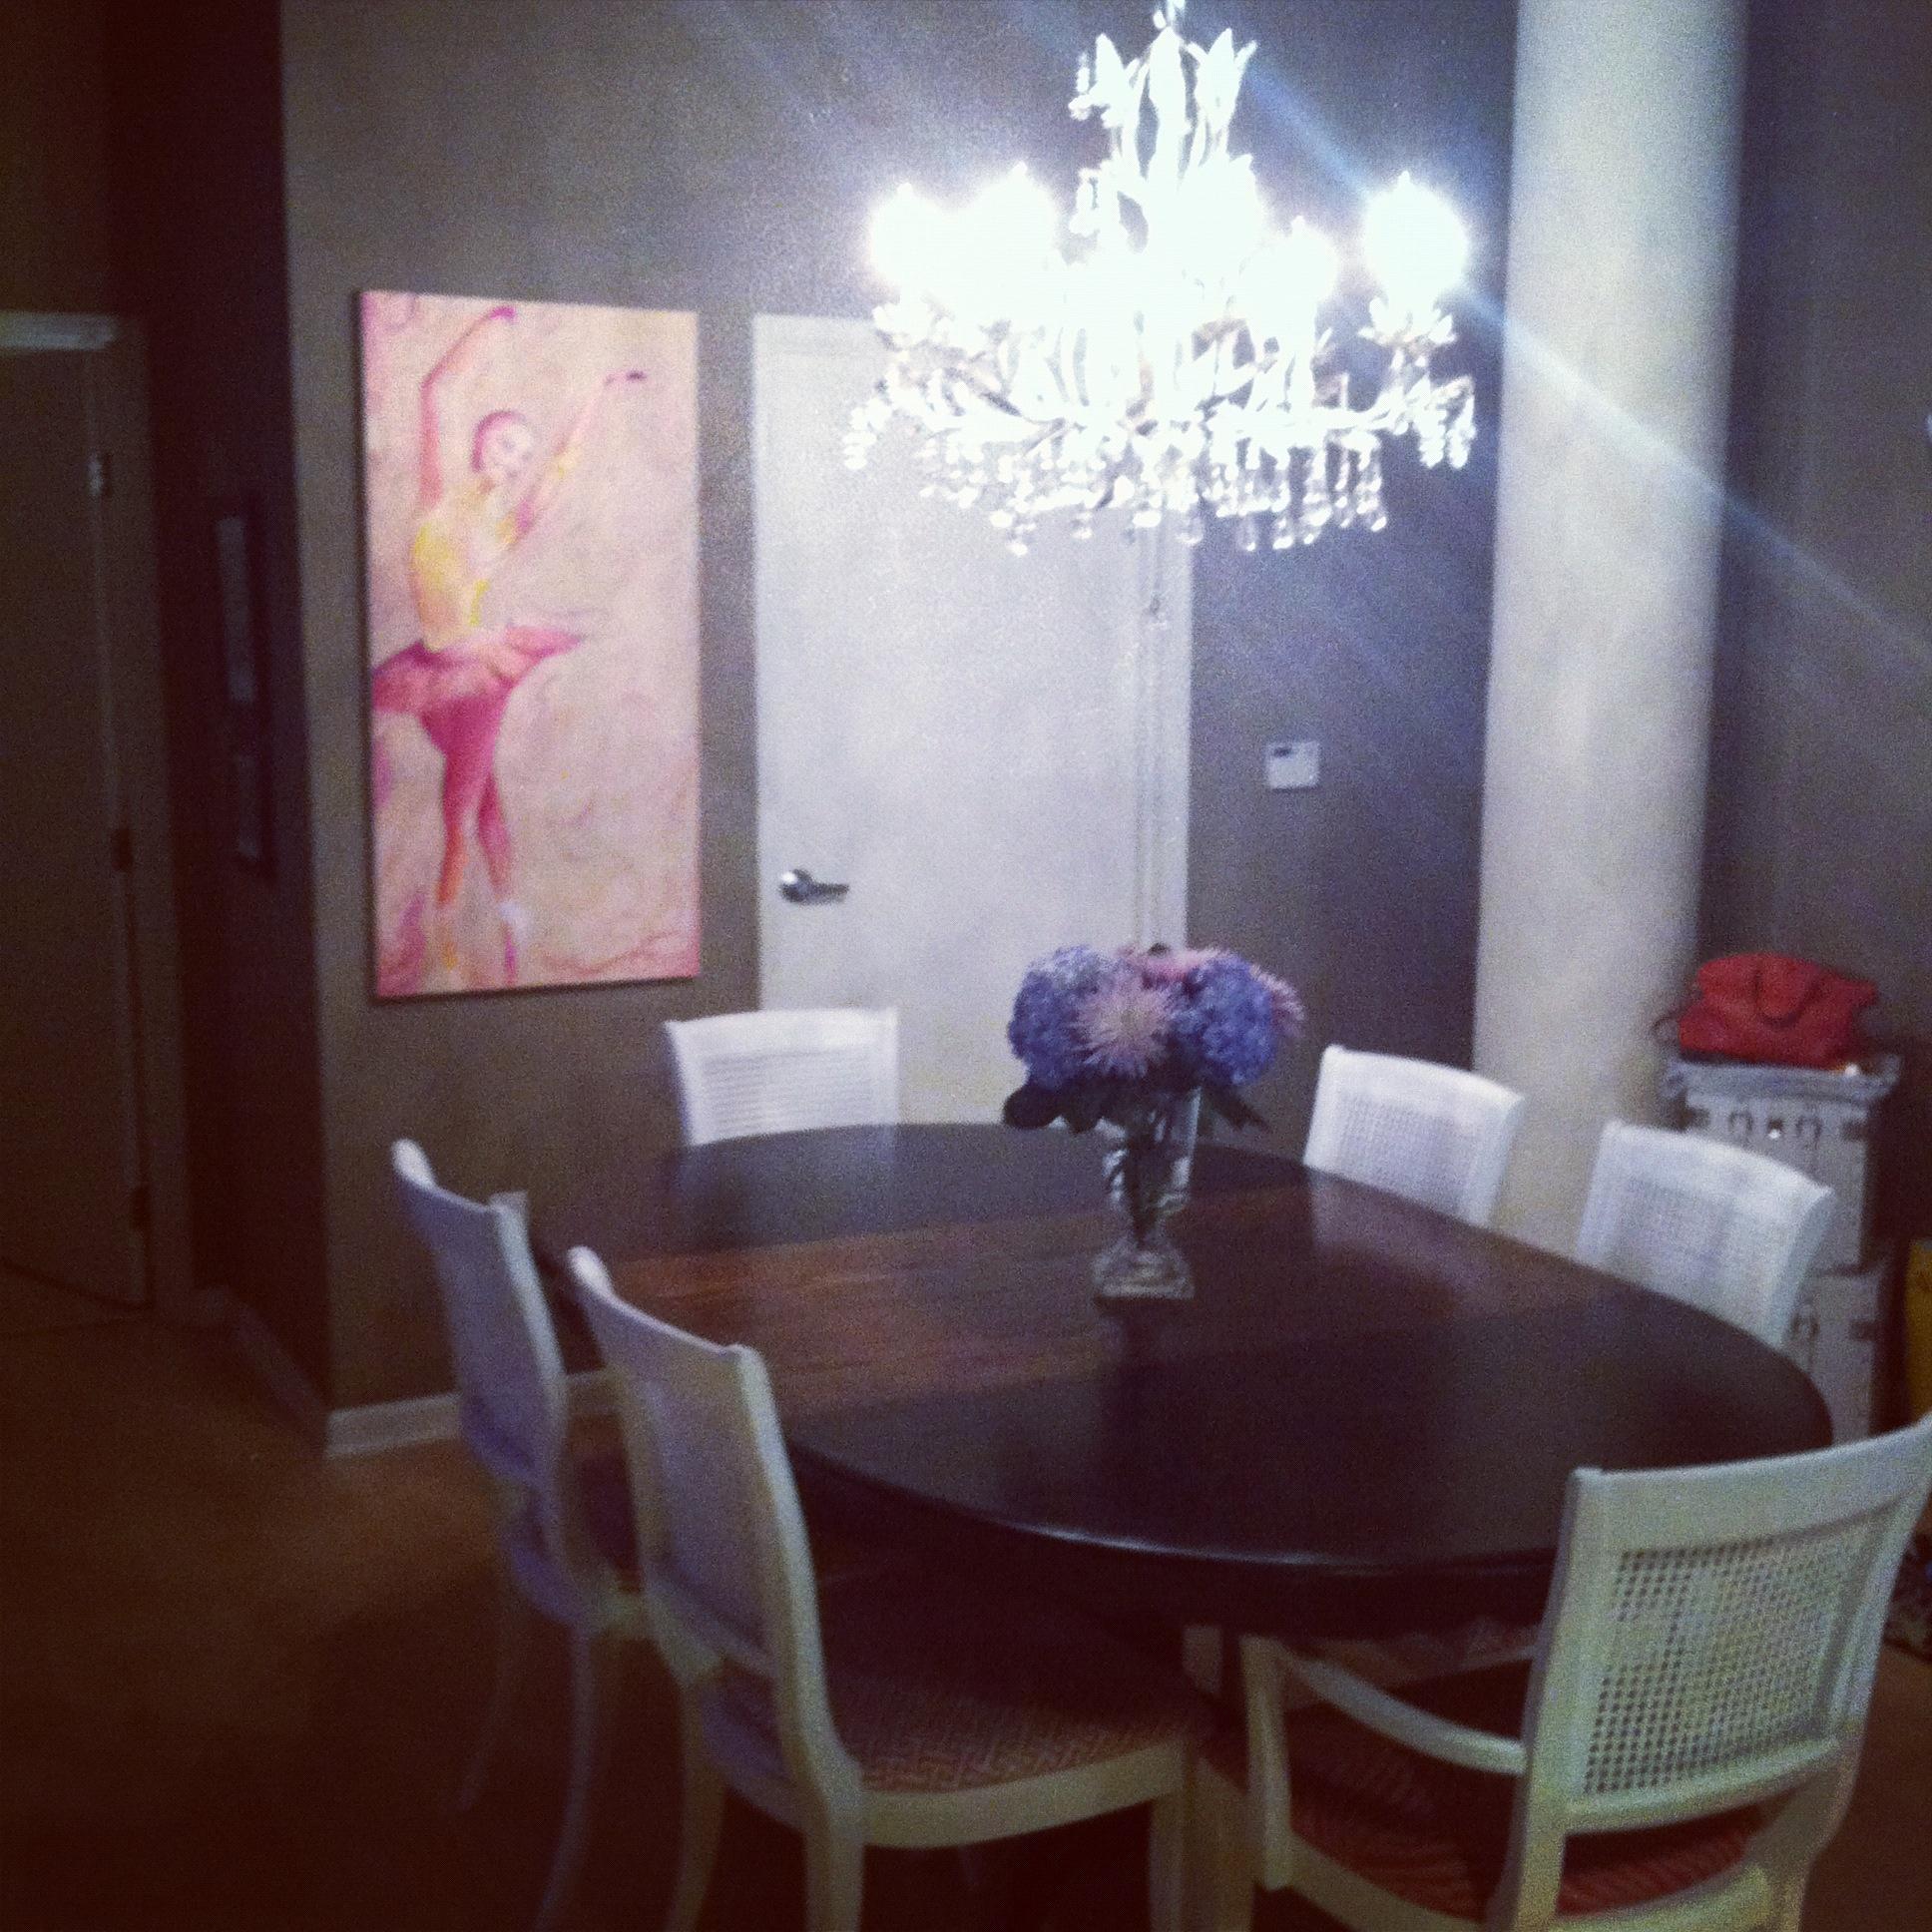 new chandelier!